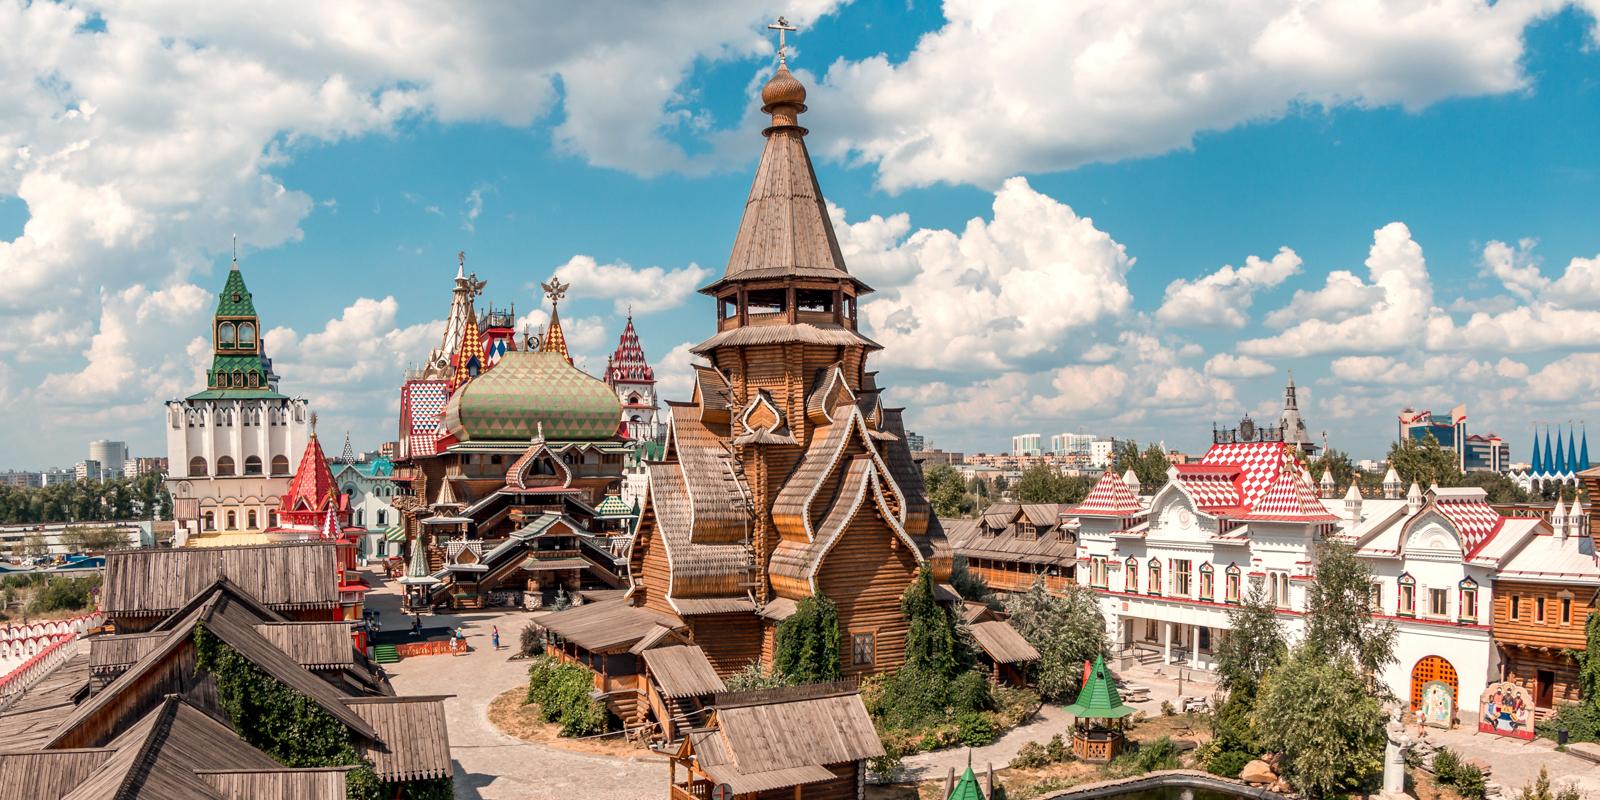 Схема МЦК Москвы - интересные станции